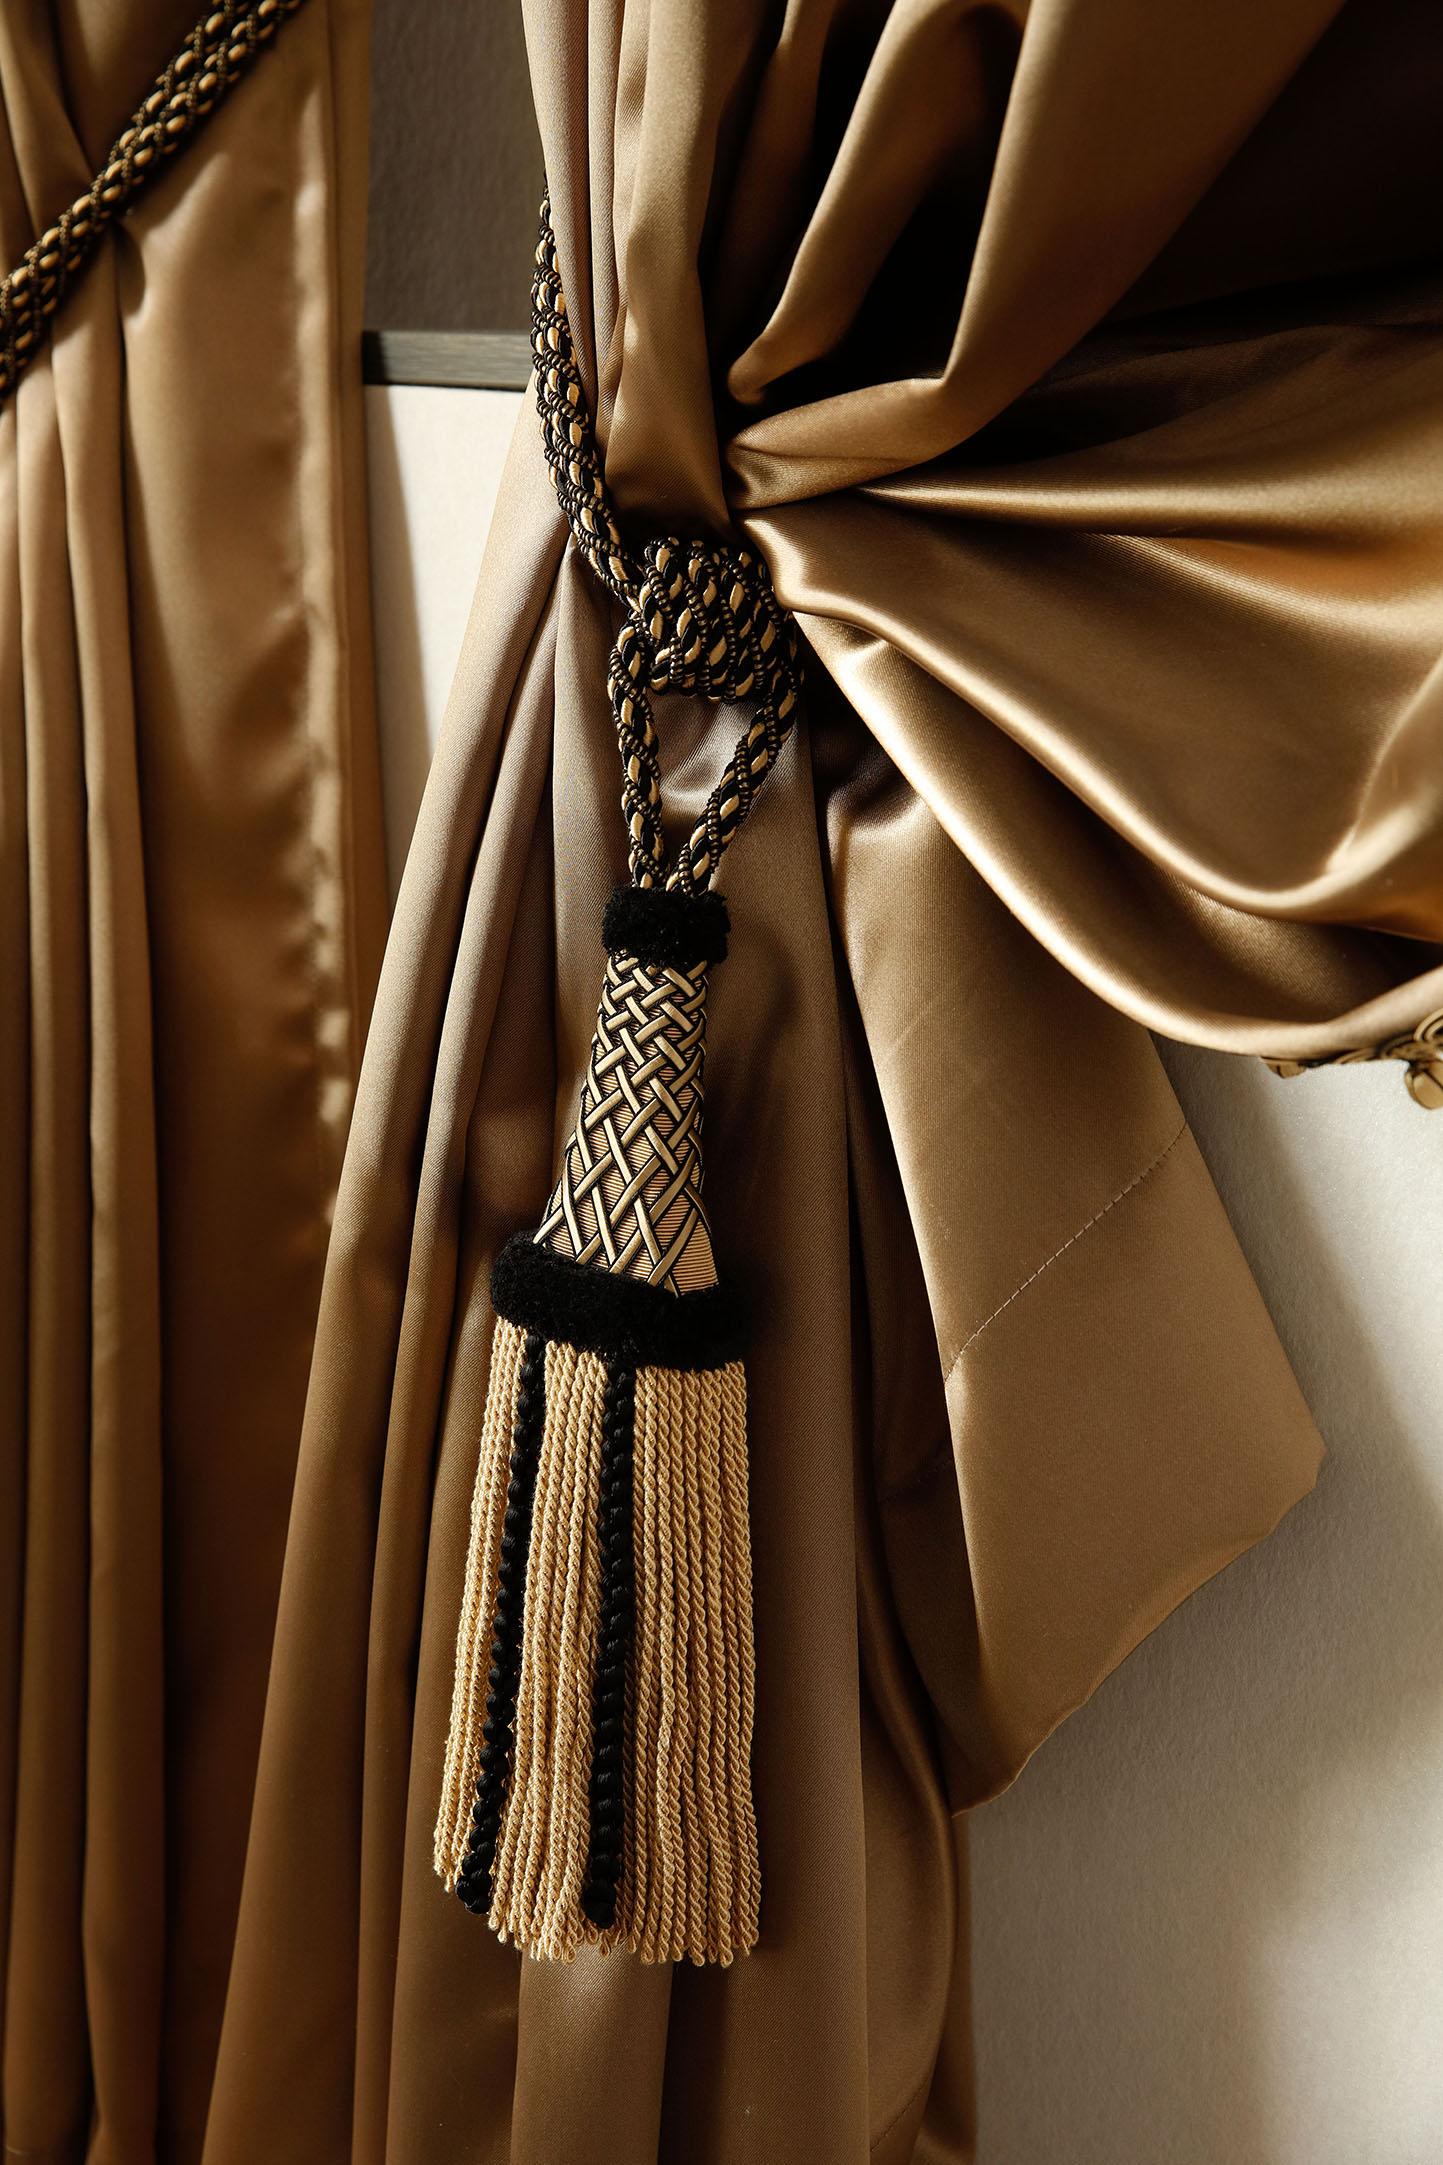 details-rideaux-01